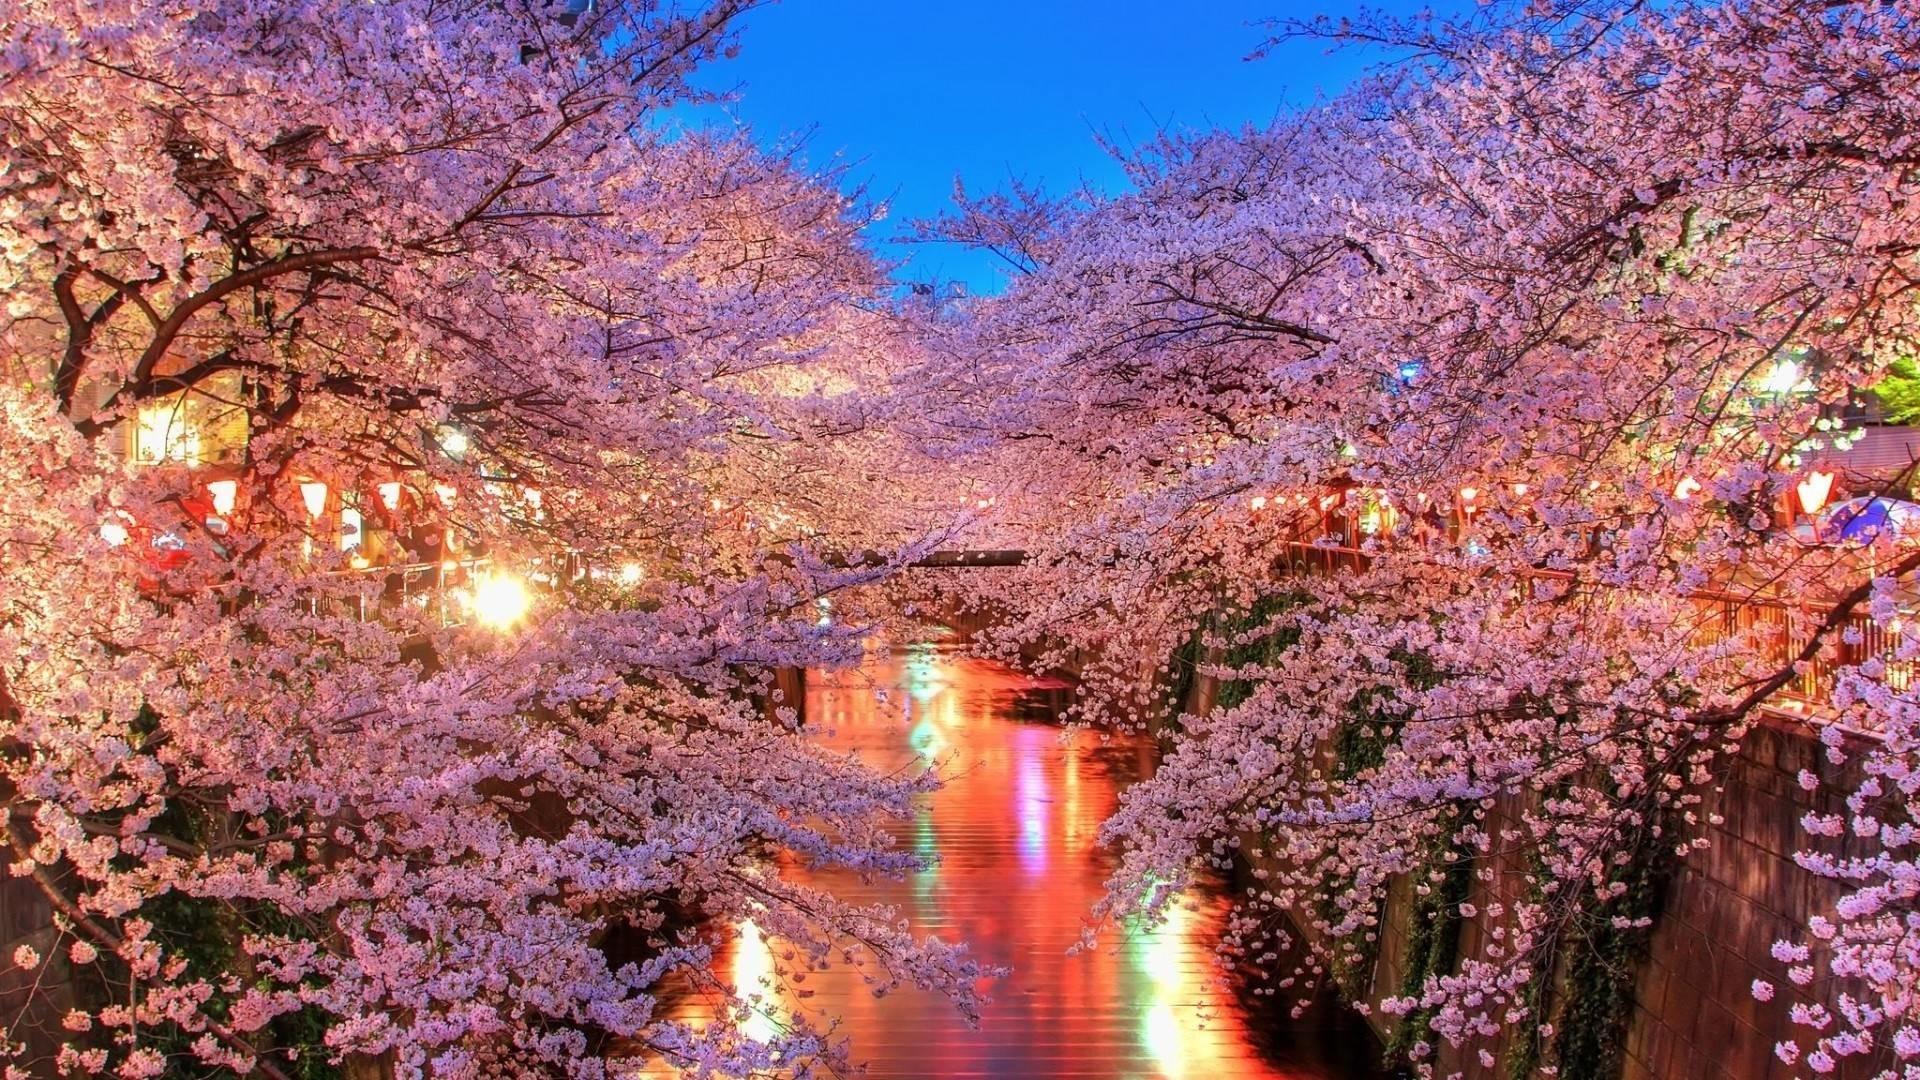 Cherry blossom desktop wallpaper wallpapertag - Sakura desktop ...